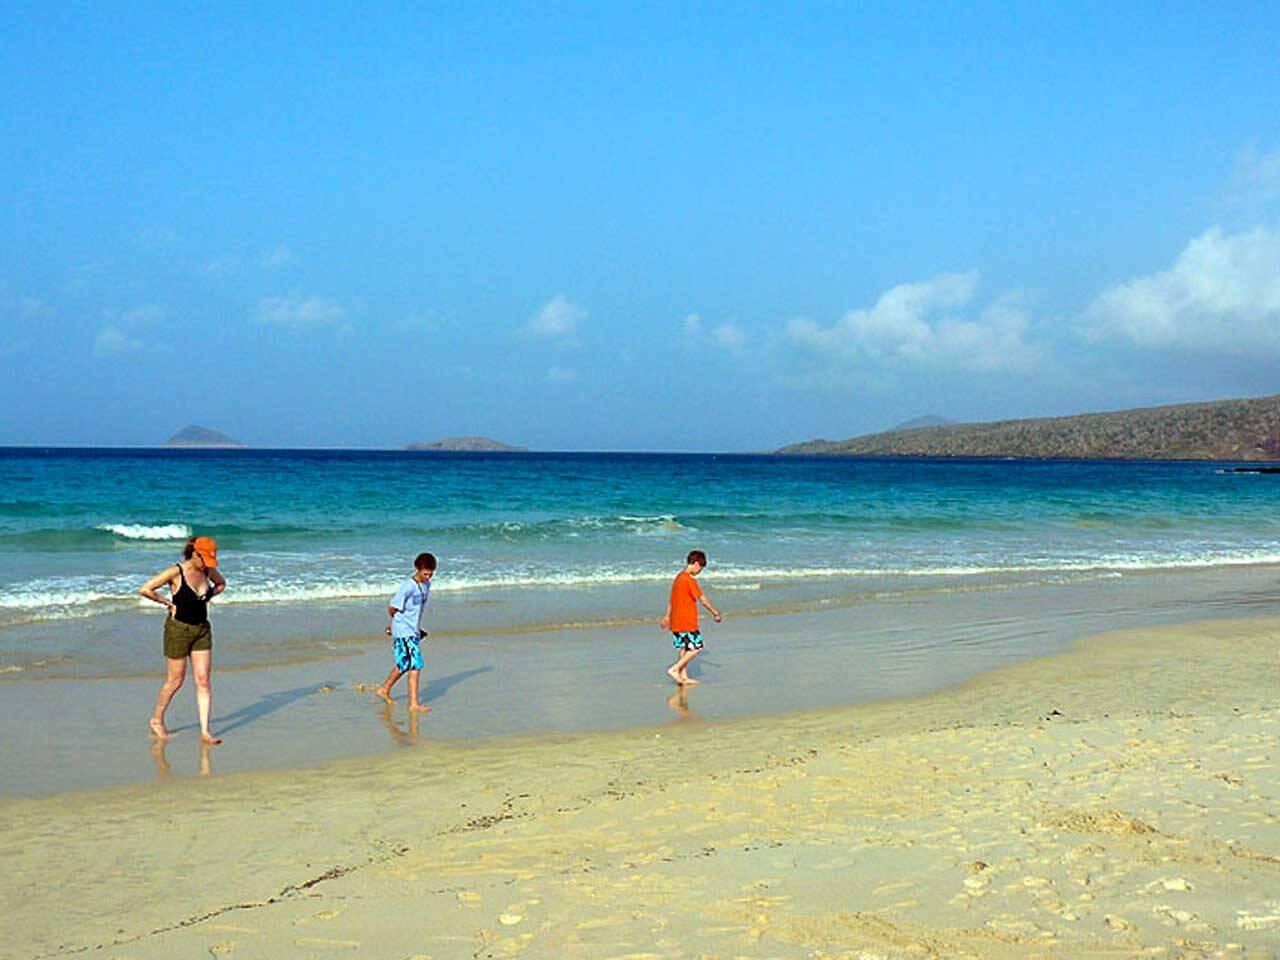 Praia de areia colorida em Punta Cormorant em Galapágos.